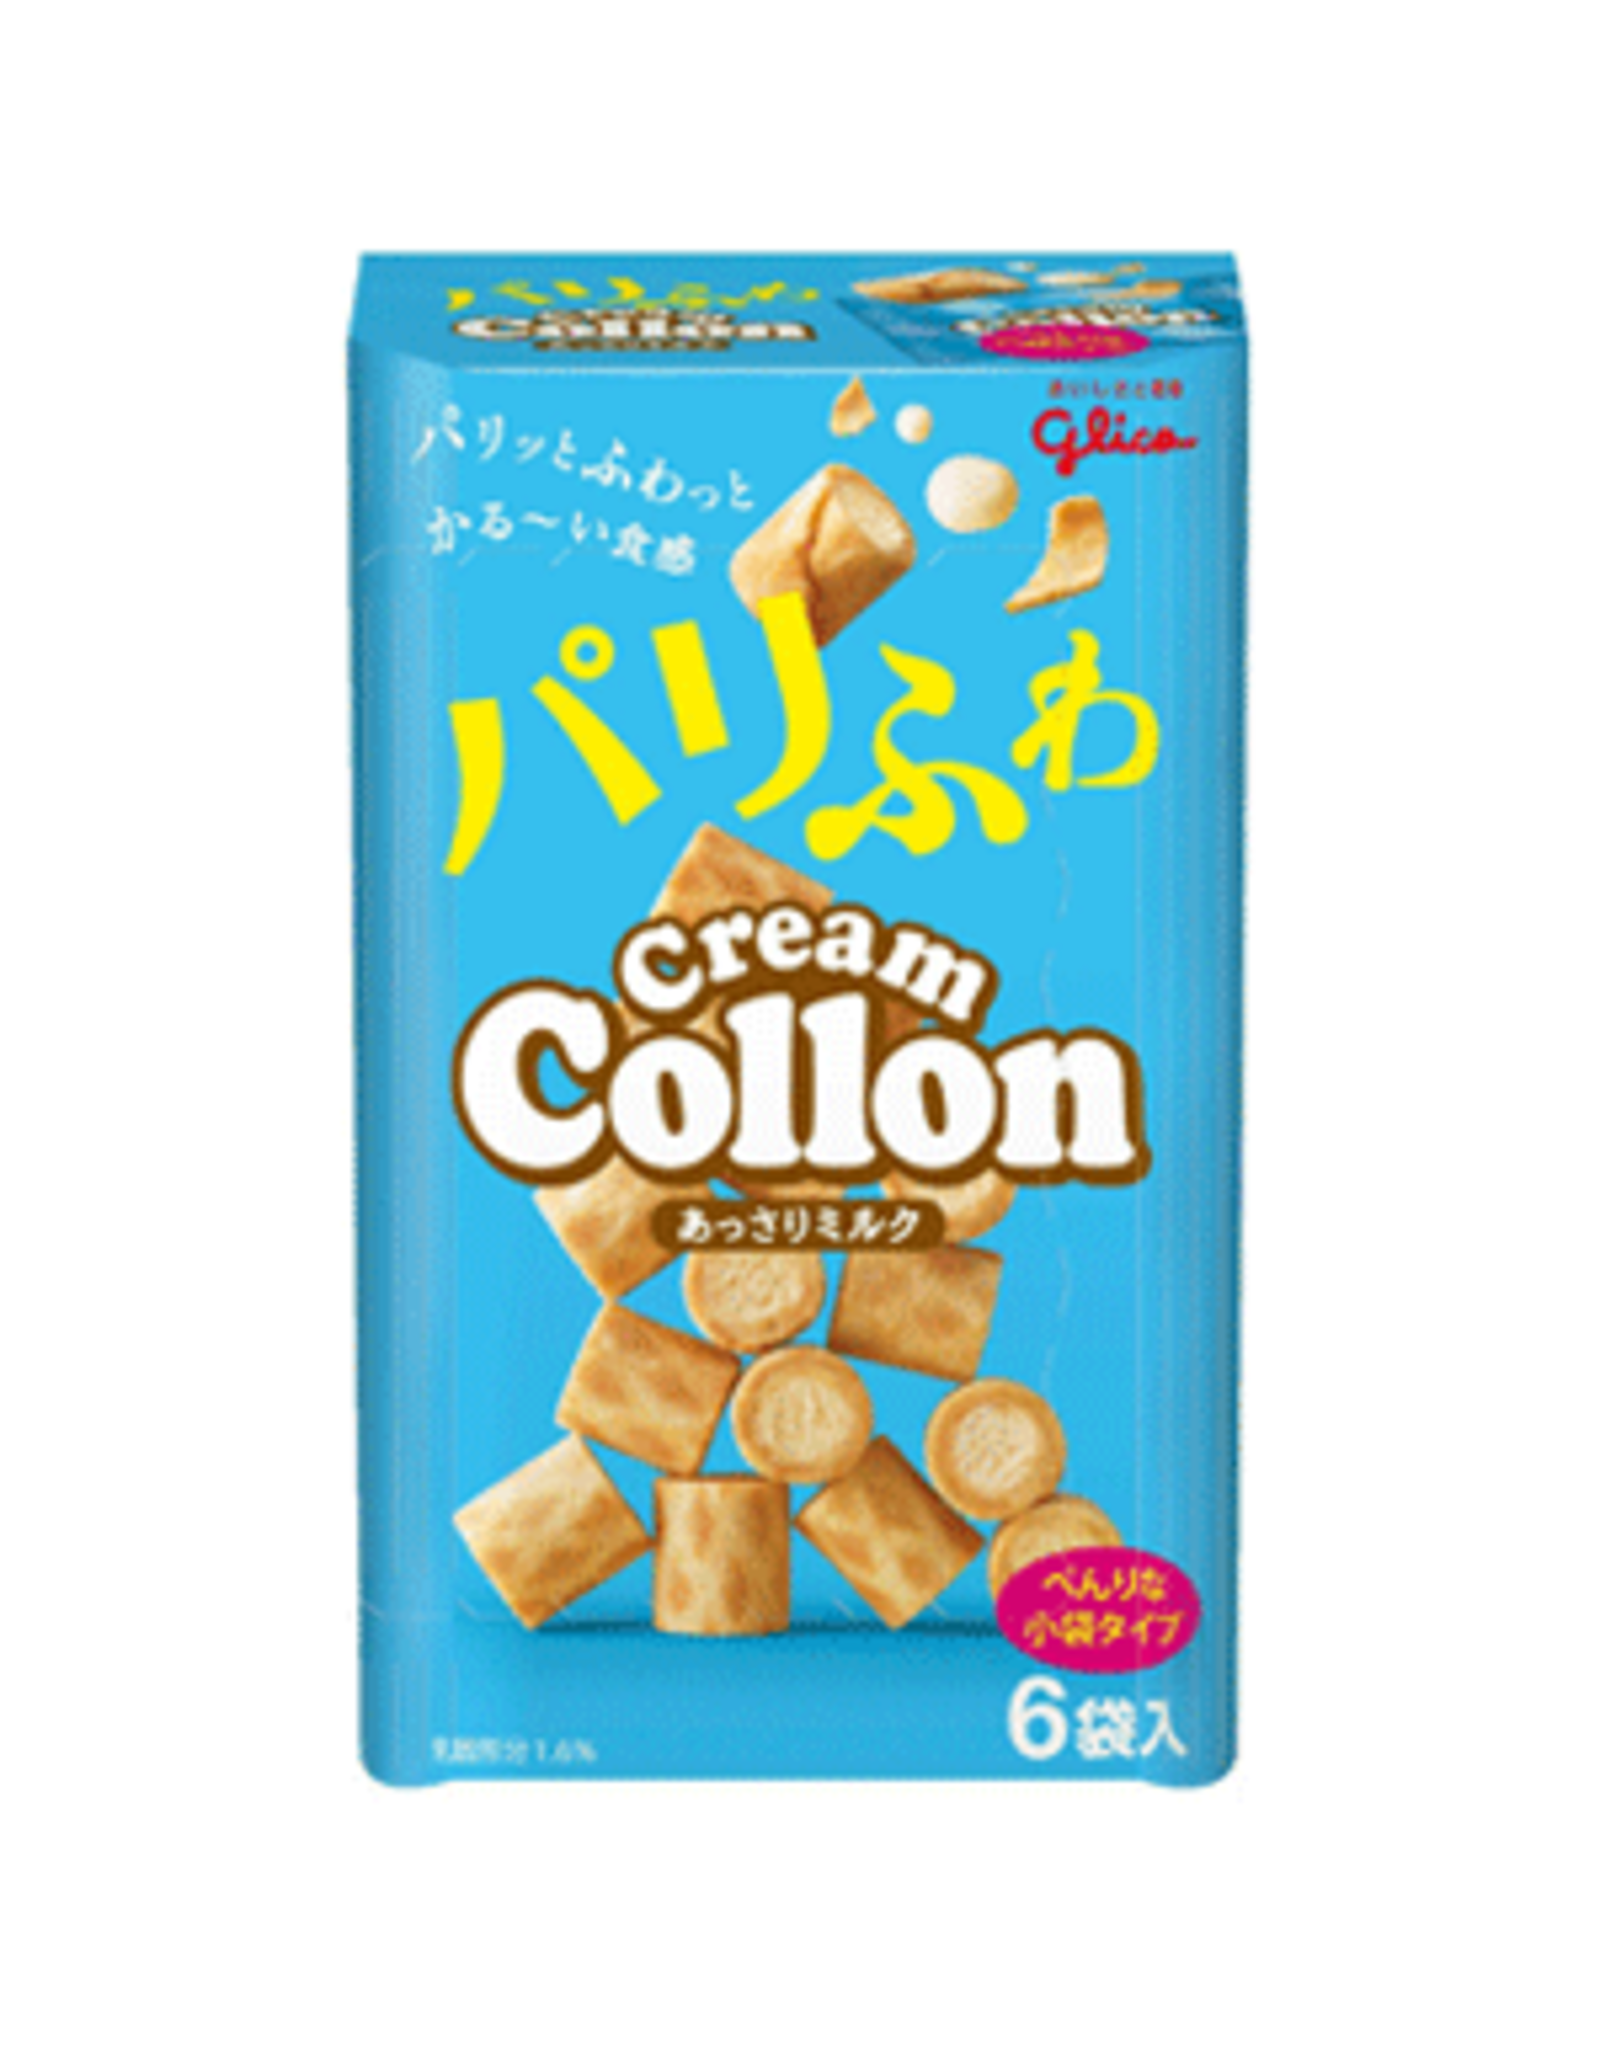 Cream Collon - Light Milk Cream Biscuits - 6 pack